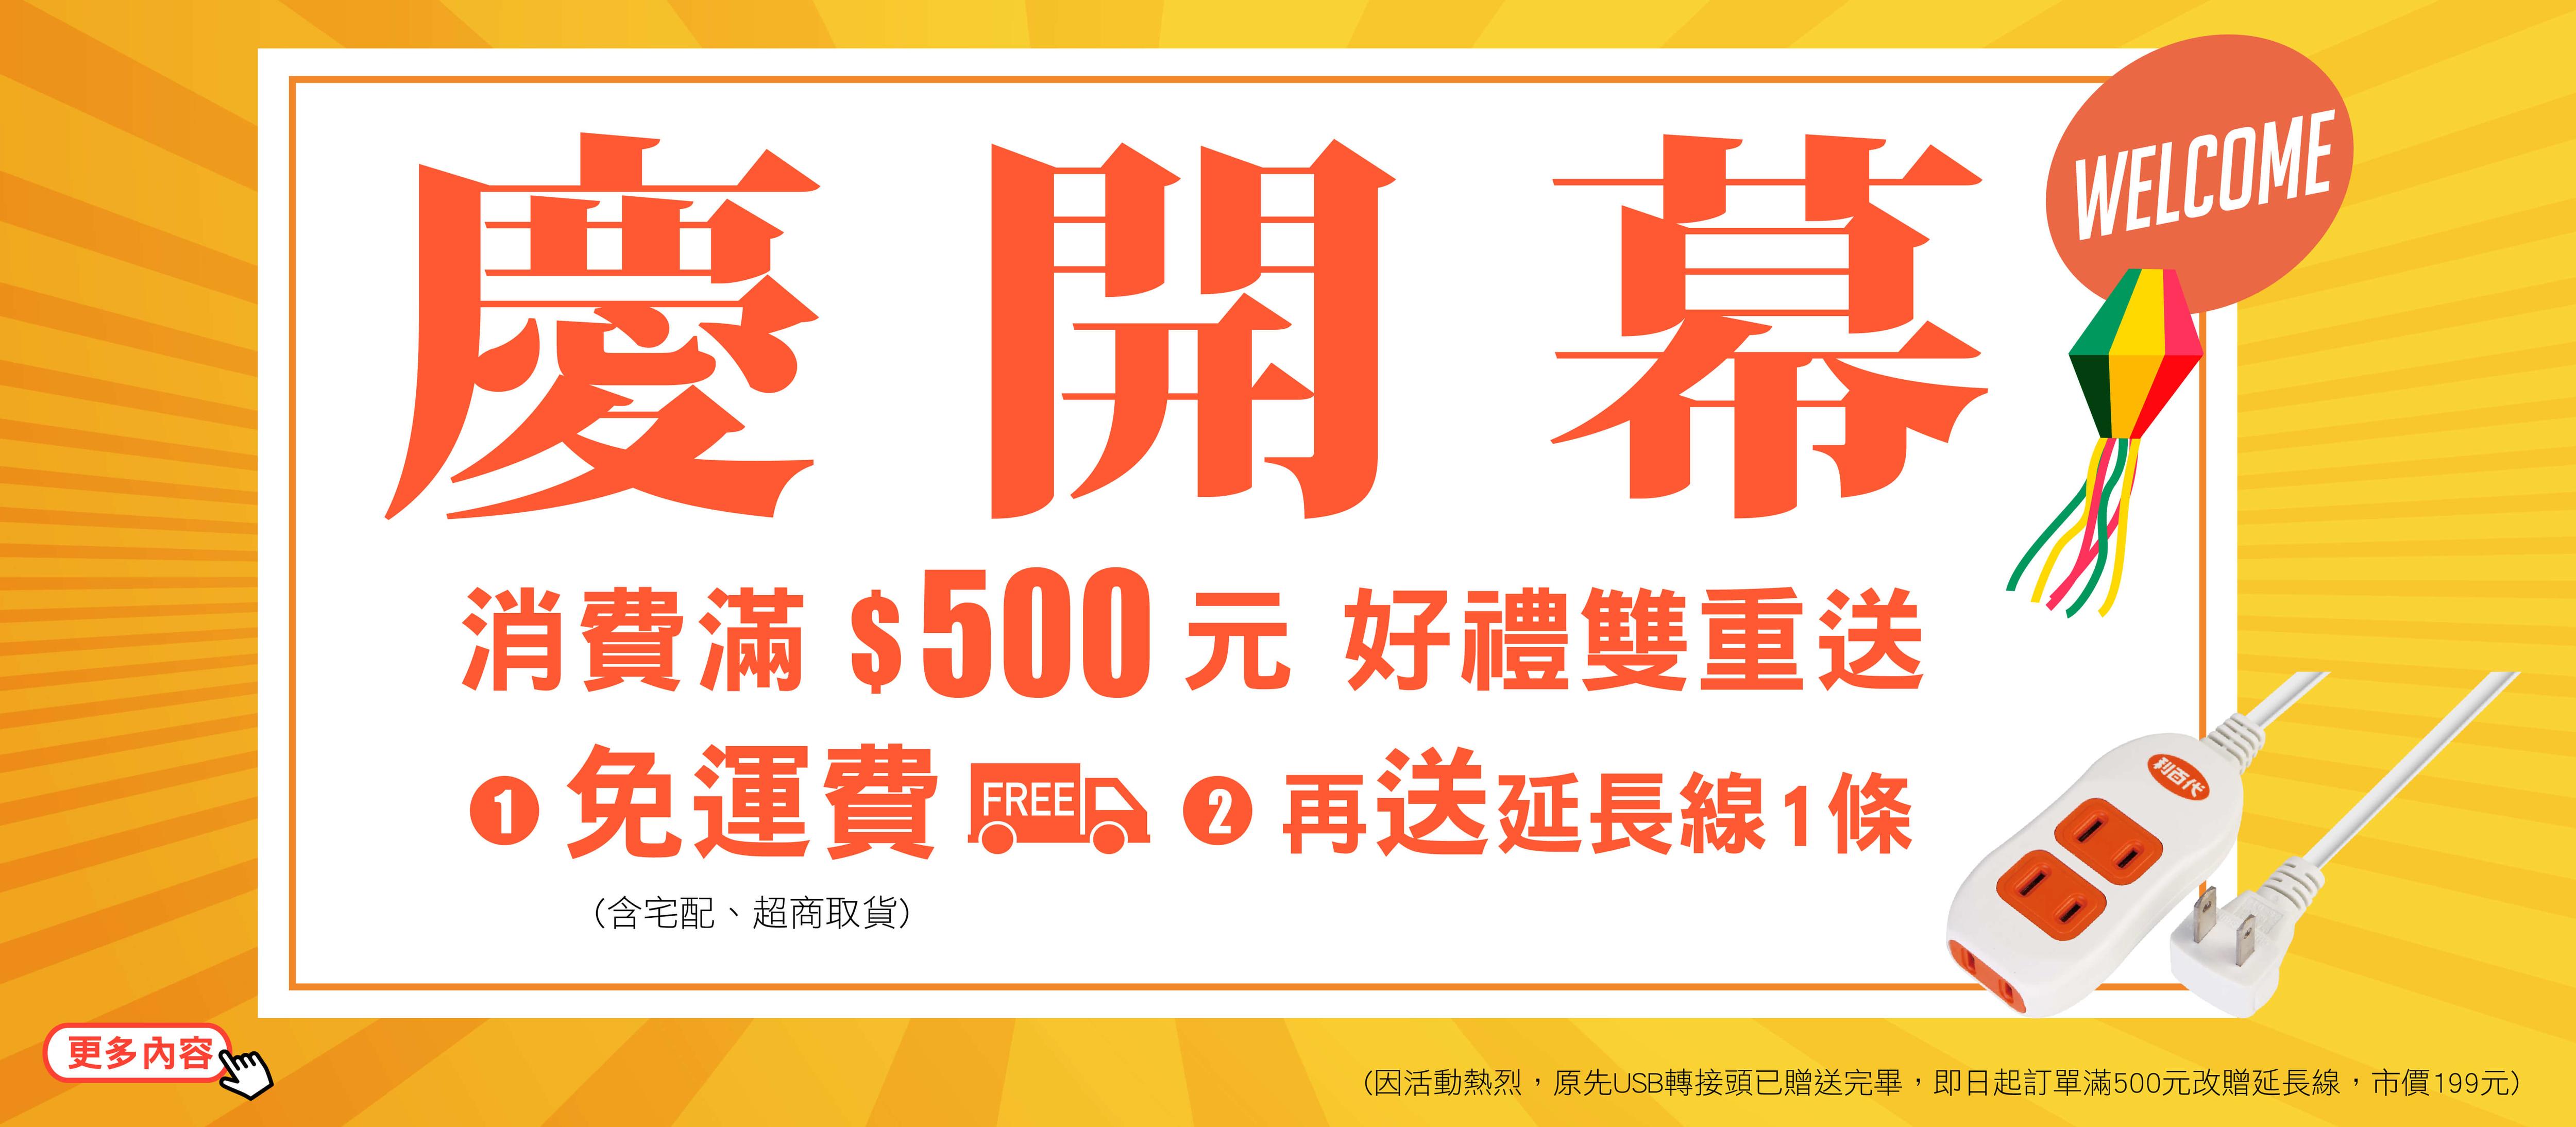 LC生活會社,慶開幕,滿500免運費